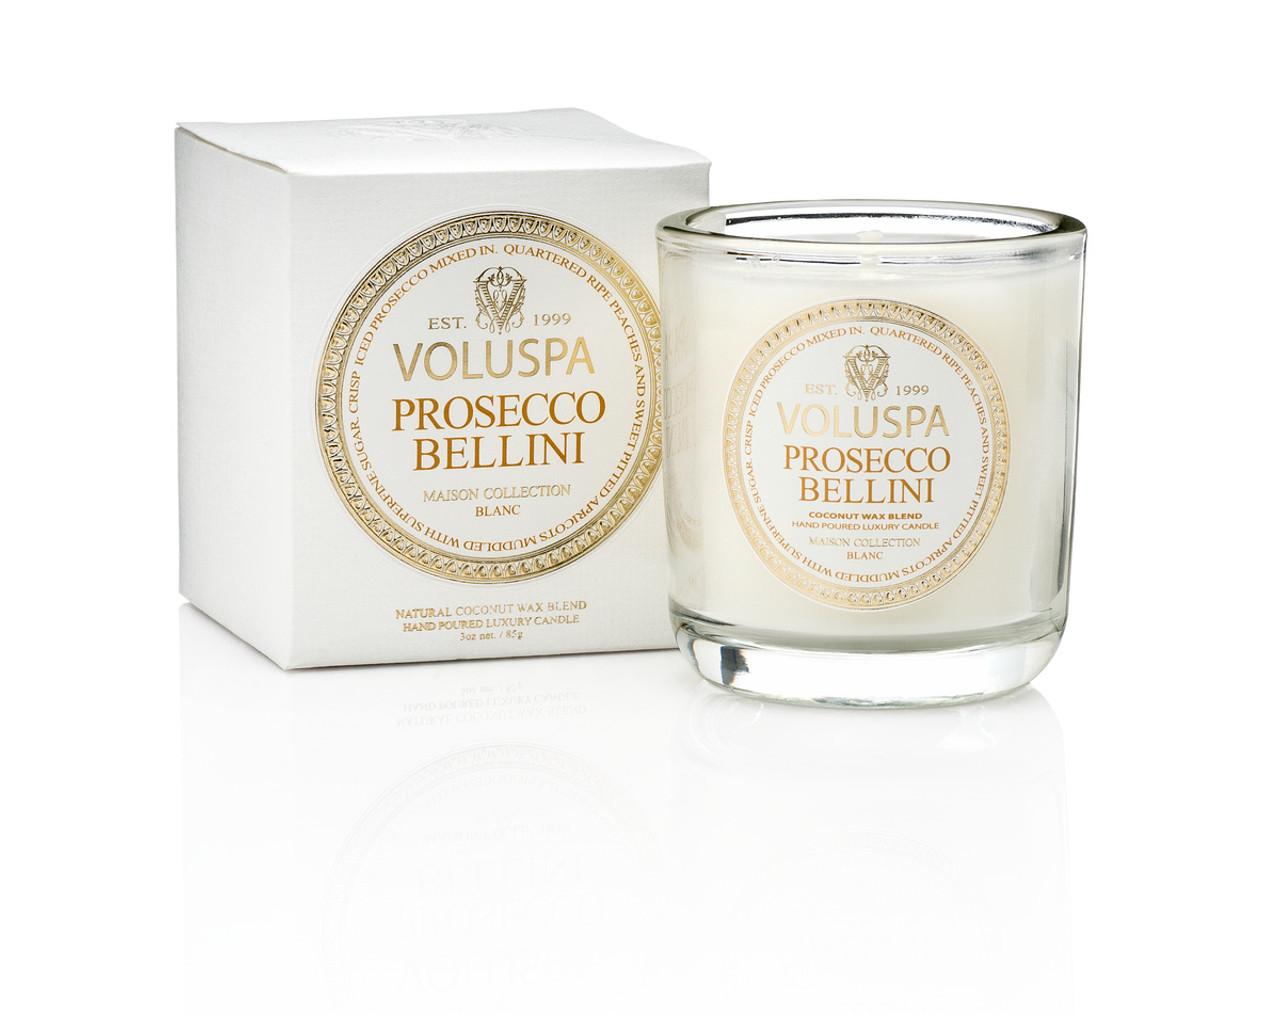 Classic Maison Votive Maison Candle - Prosecco Bellini